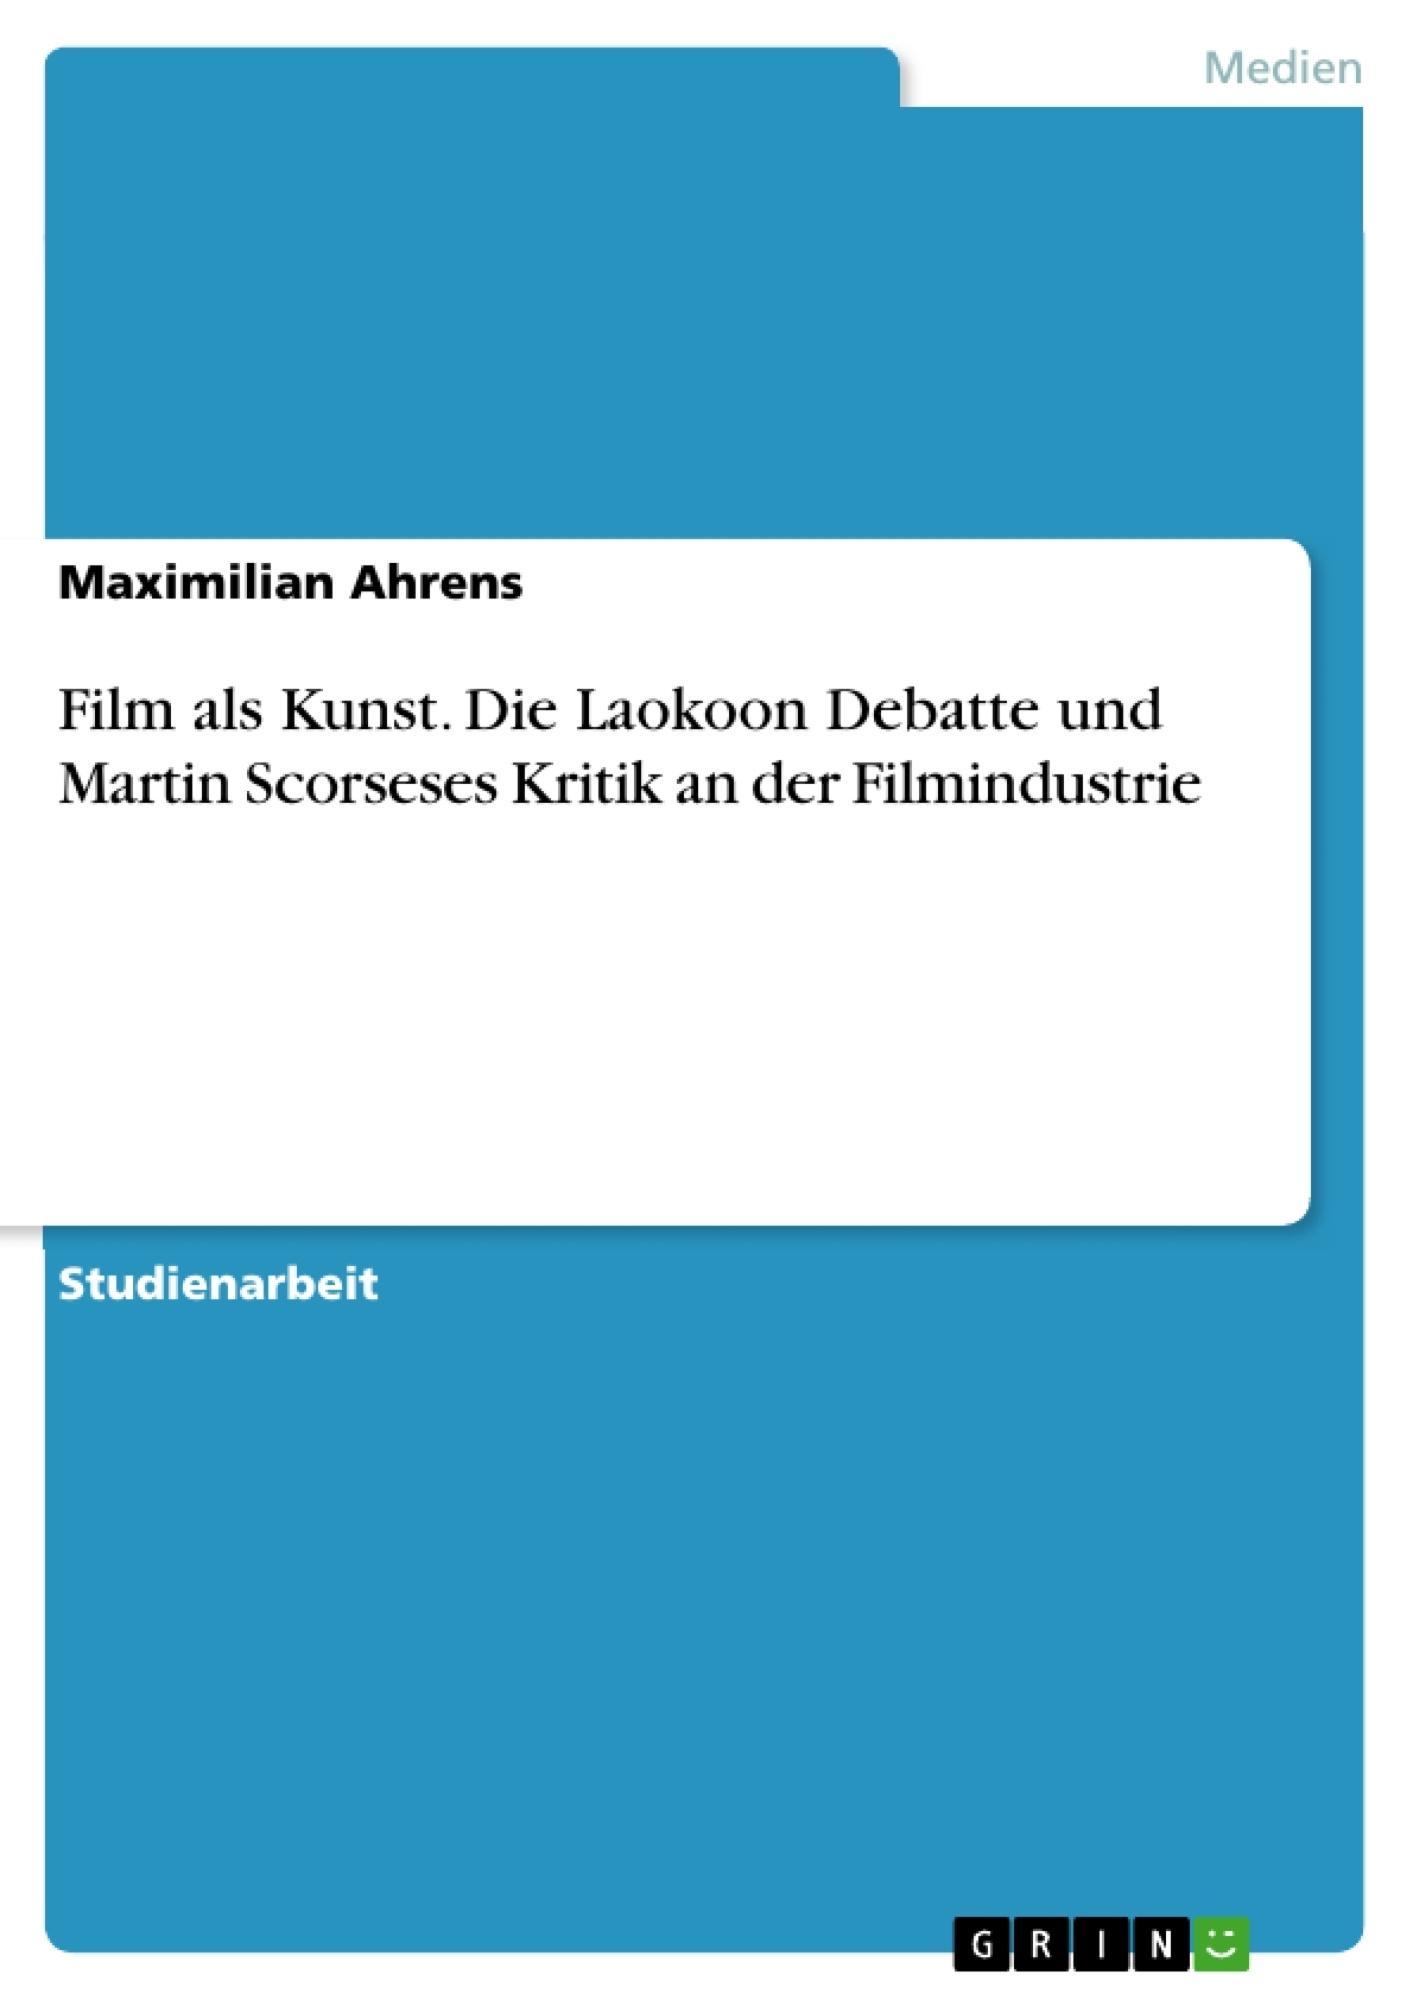 Titel: Film als Kunst. Die Laokoon Debatte und Martin Scorseses Kritik an der Filmindustrie